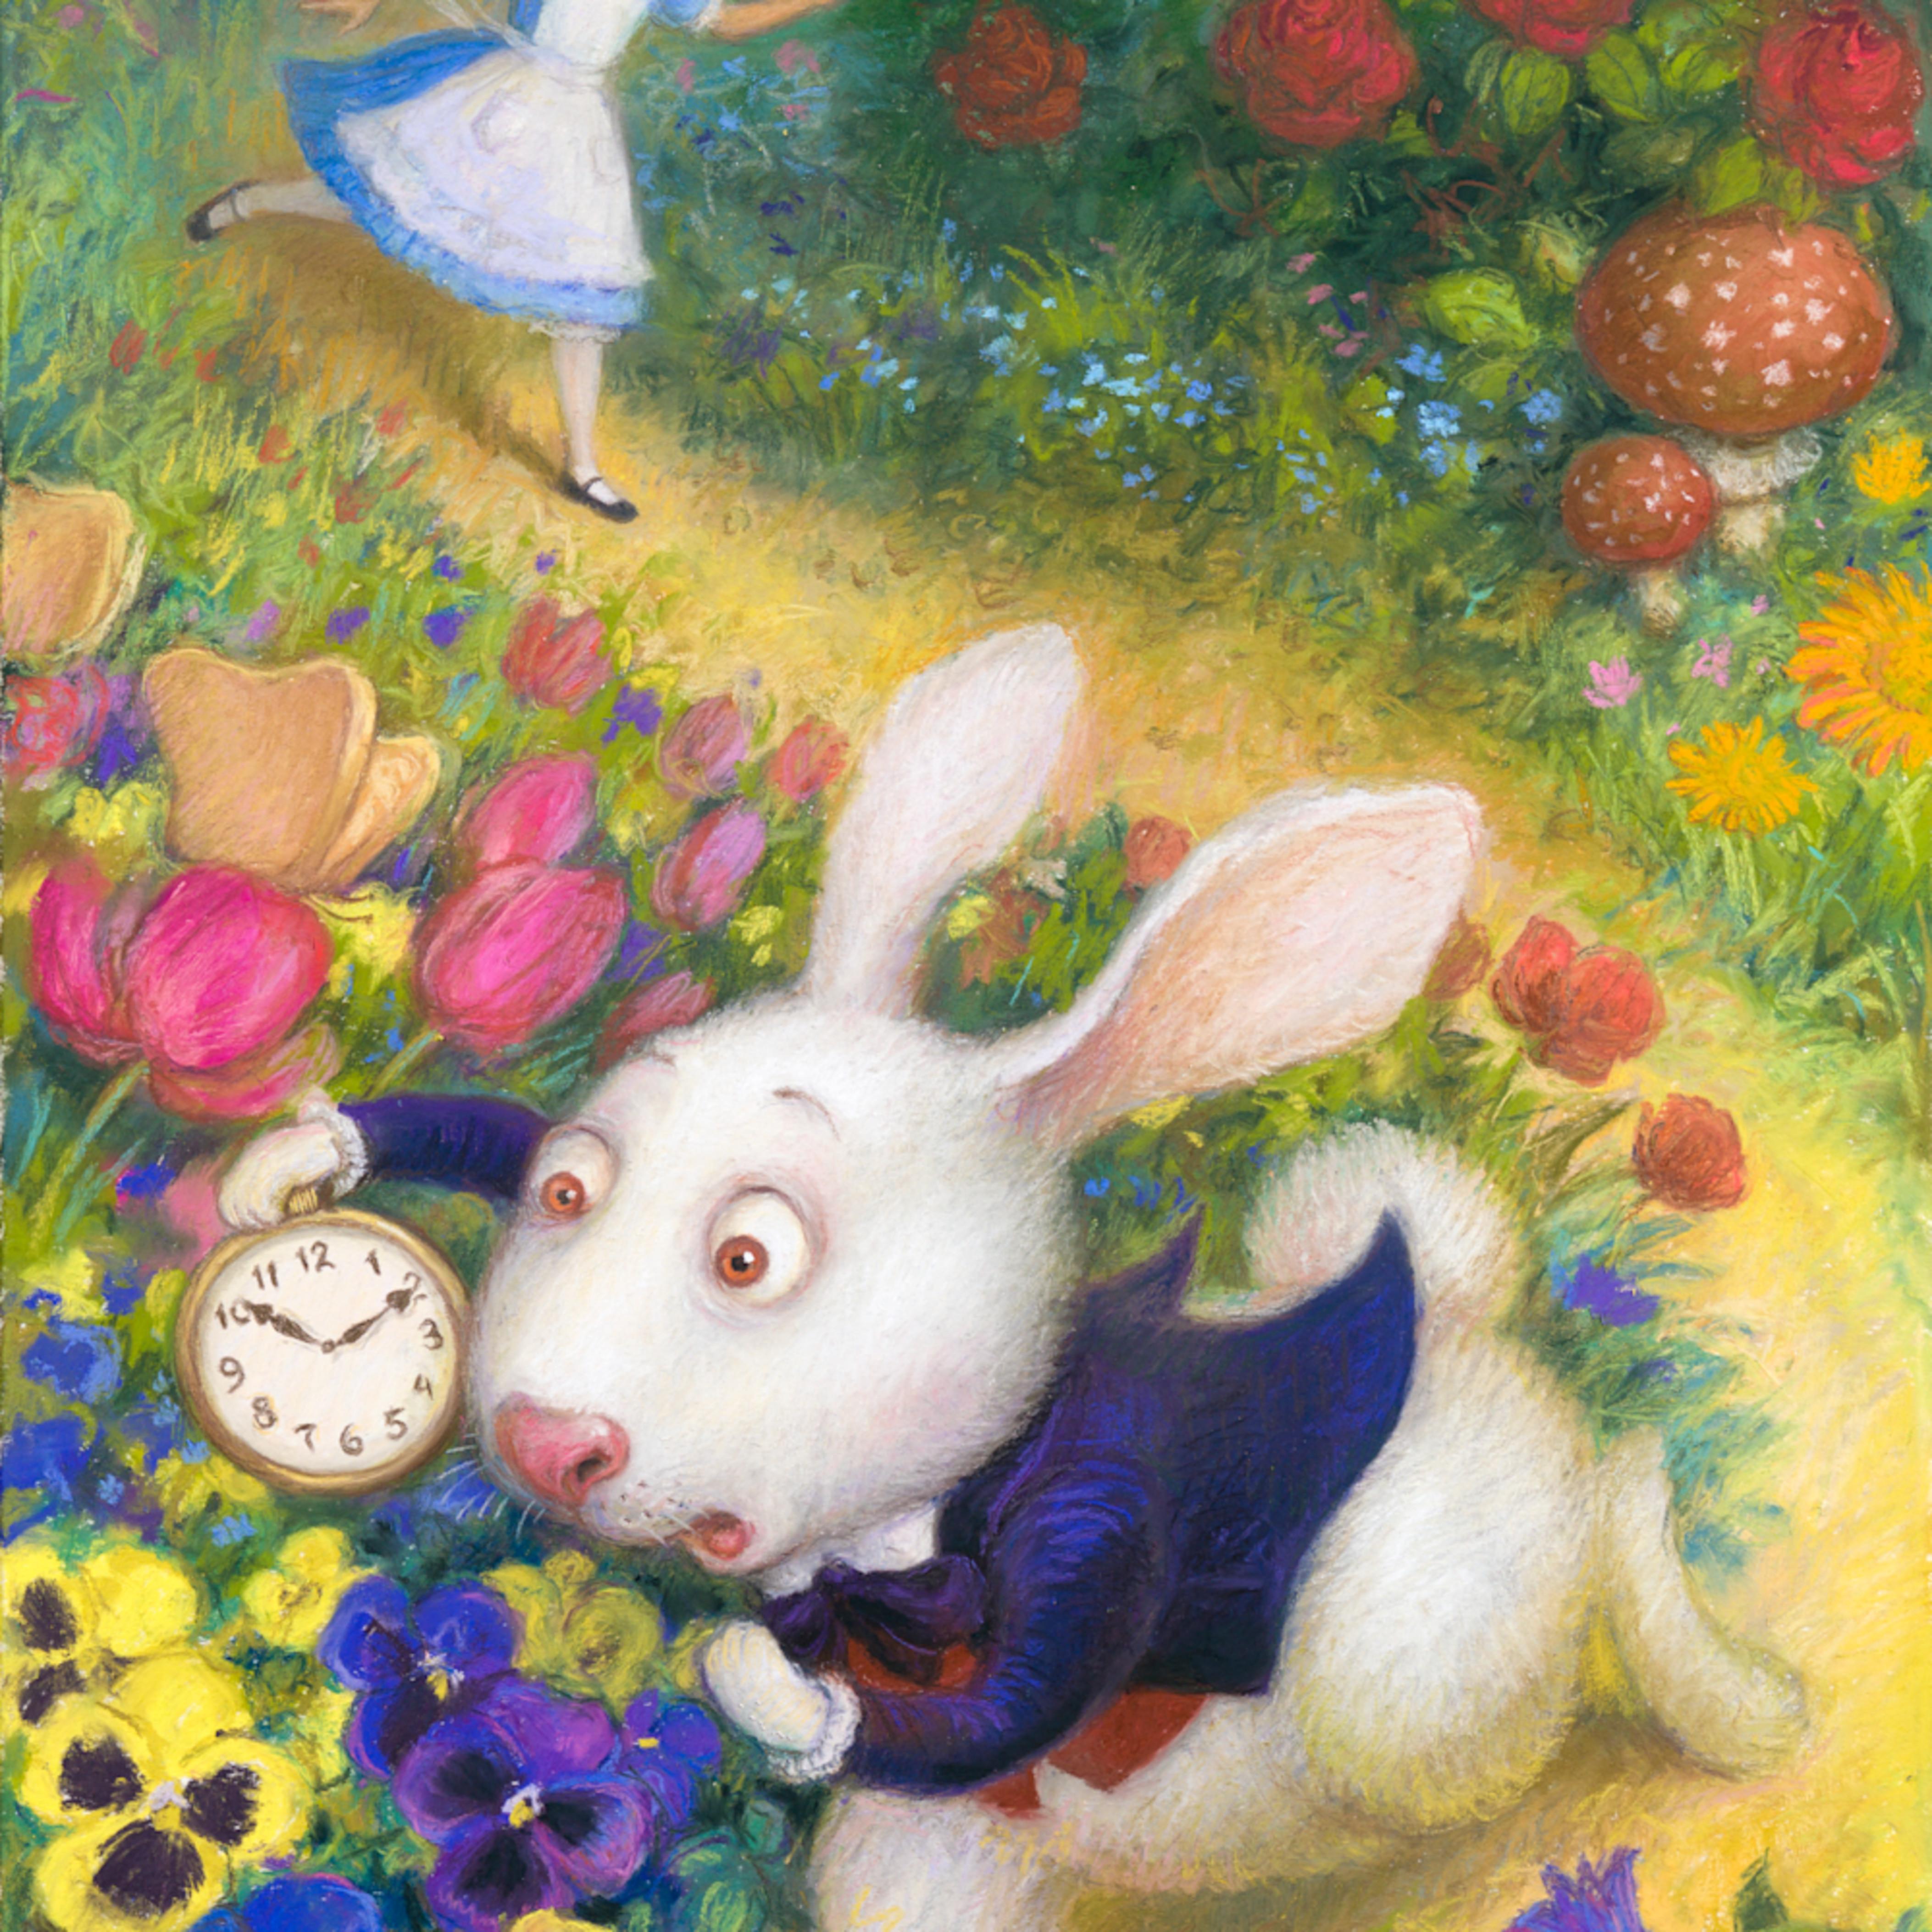 Alice in wonderland 1 slzx0b